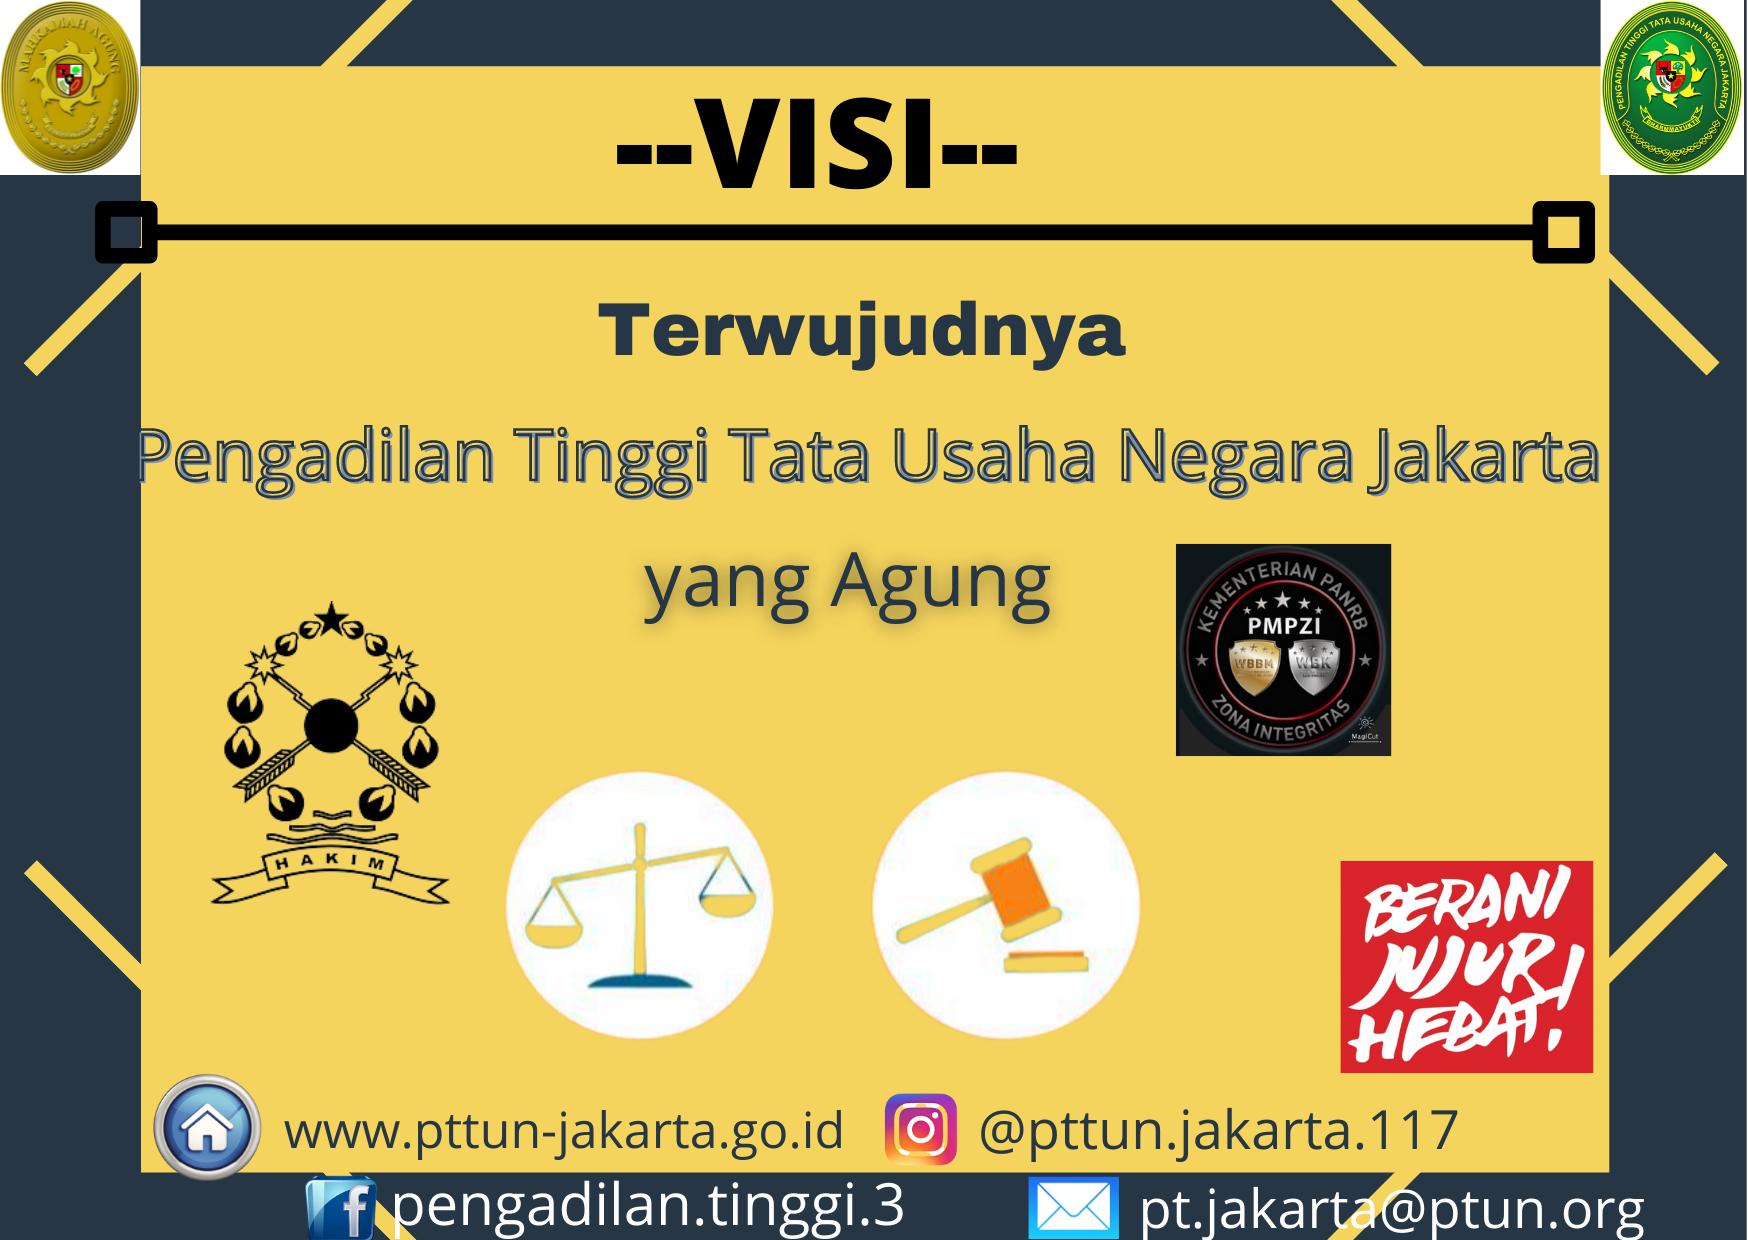 VISI PTTUN JAKARTA